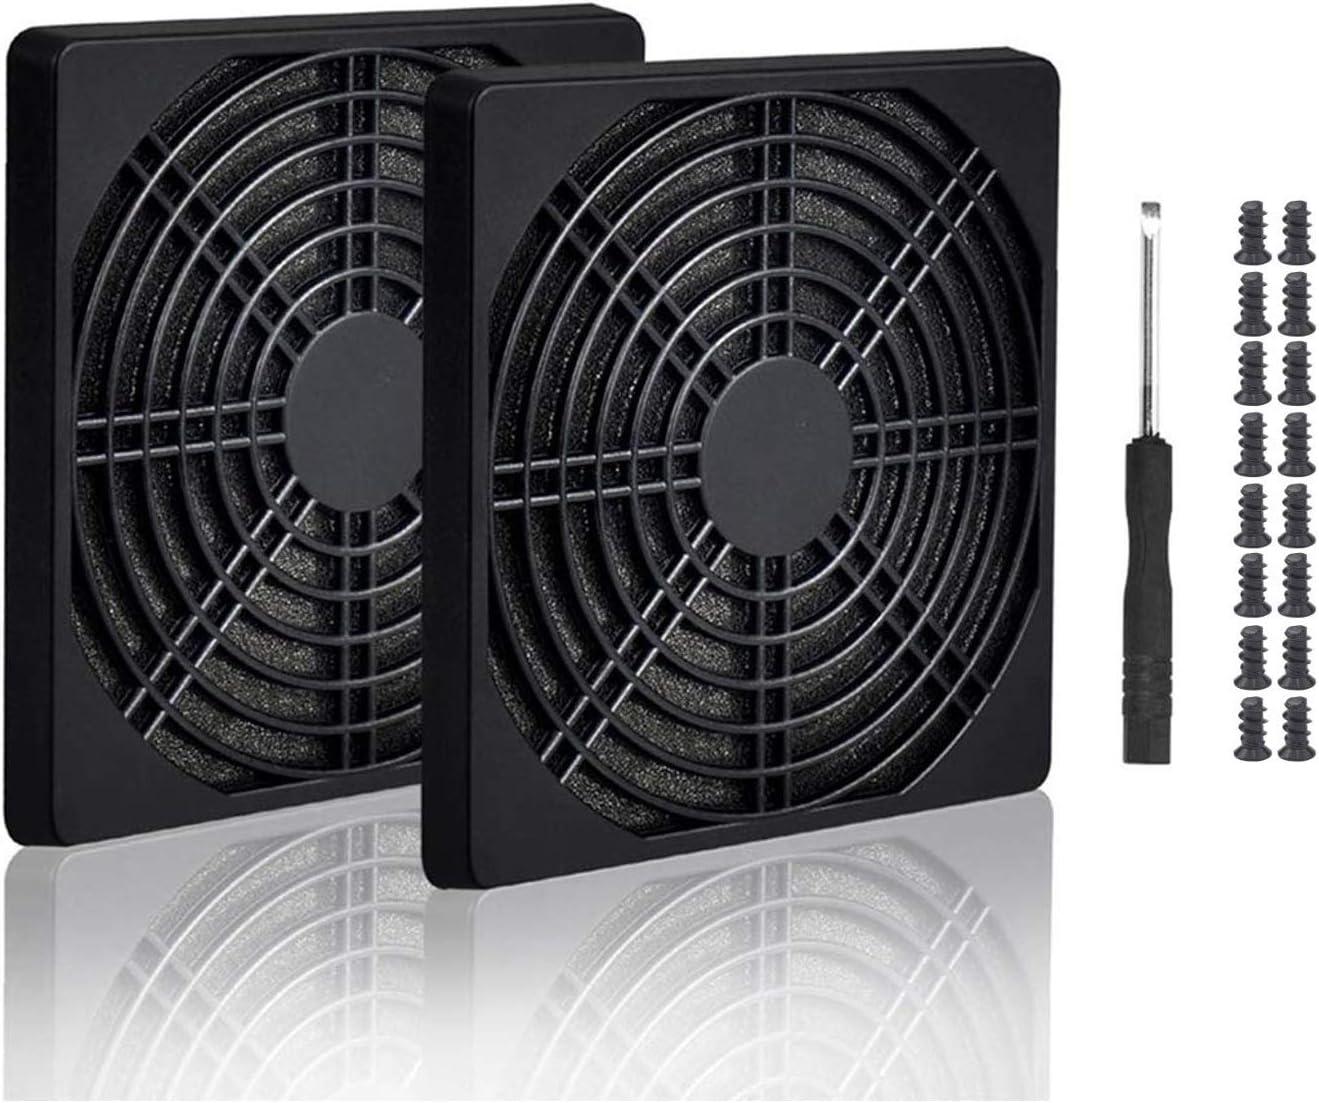 PC Cooler Fan Dust Filter Dustproof Case Cover 16PCS Dustproof Case Cover Dust Filter for PC Cooler Fan